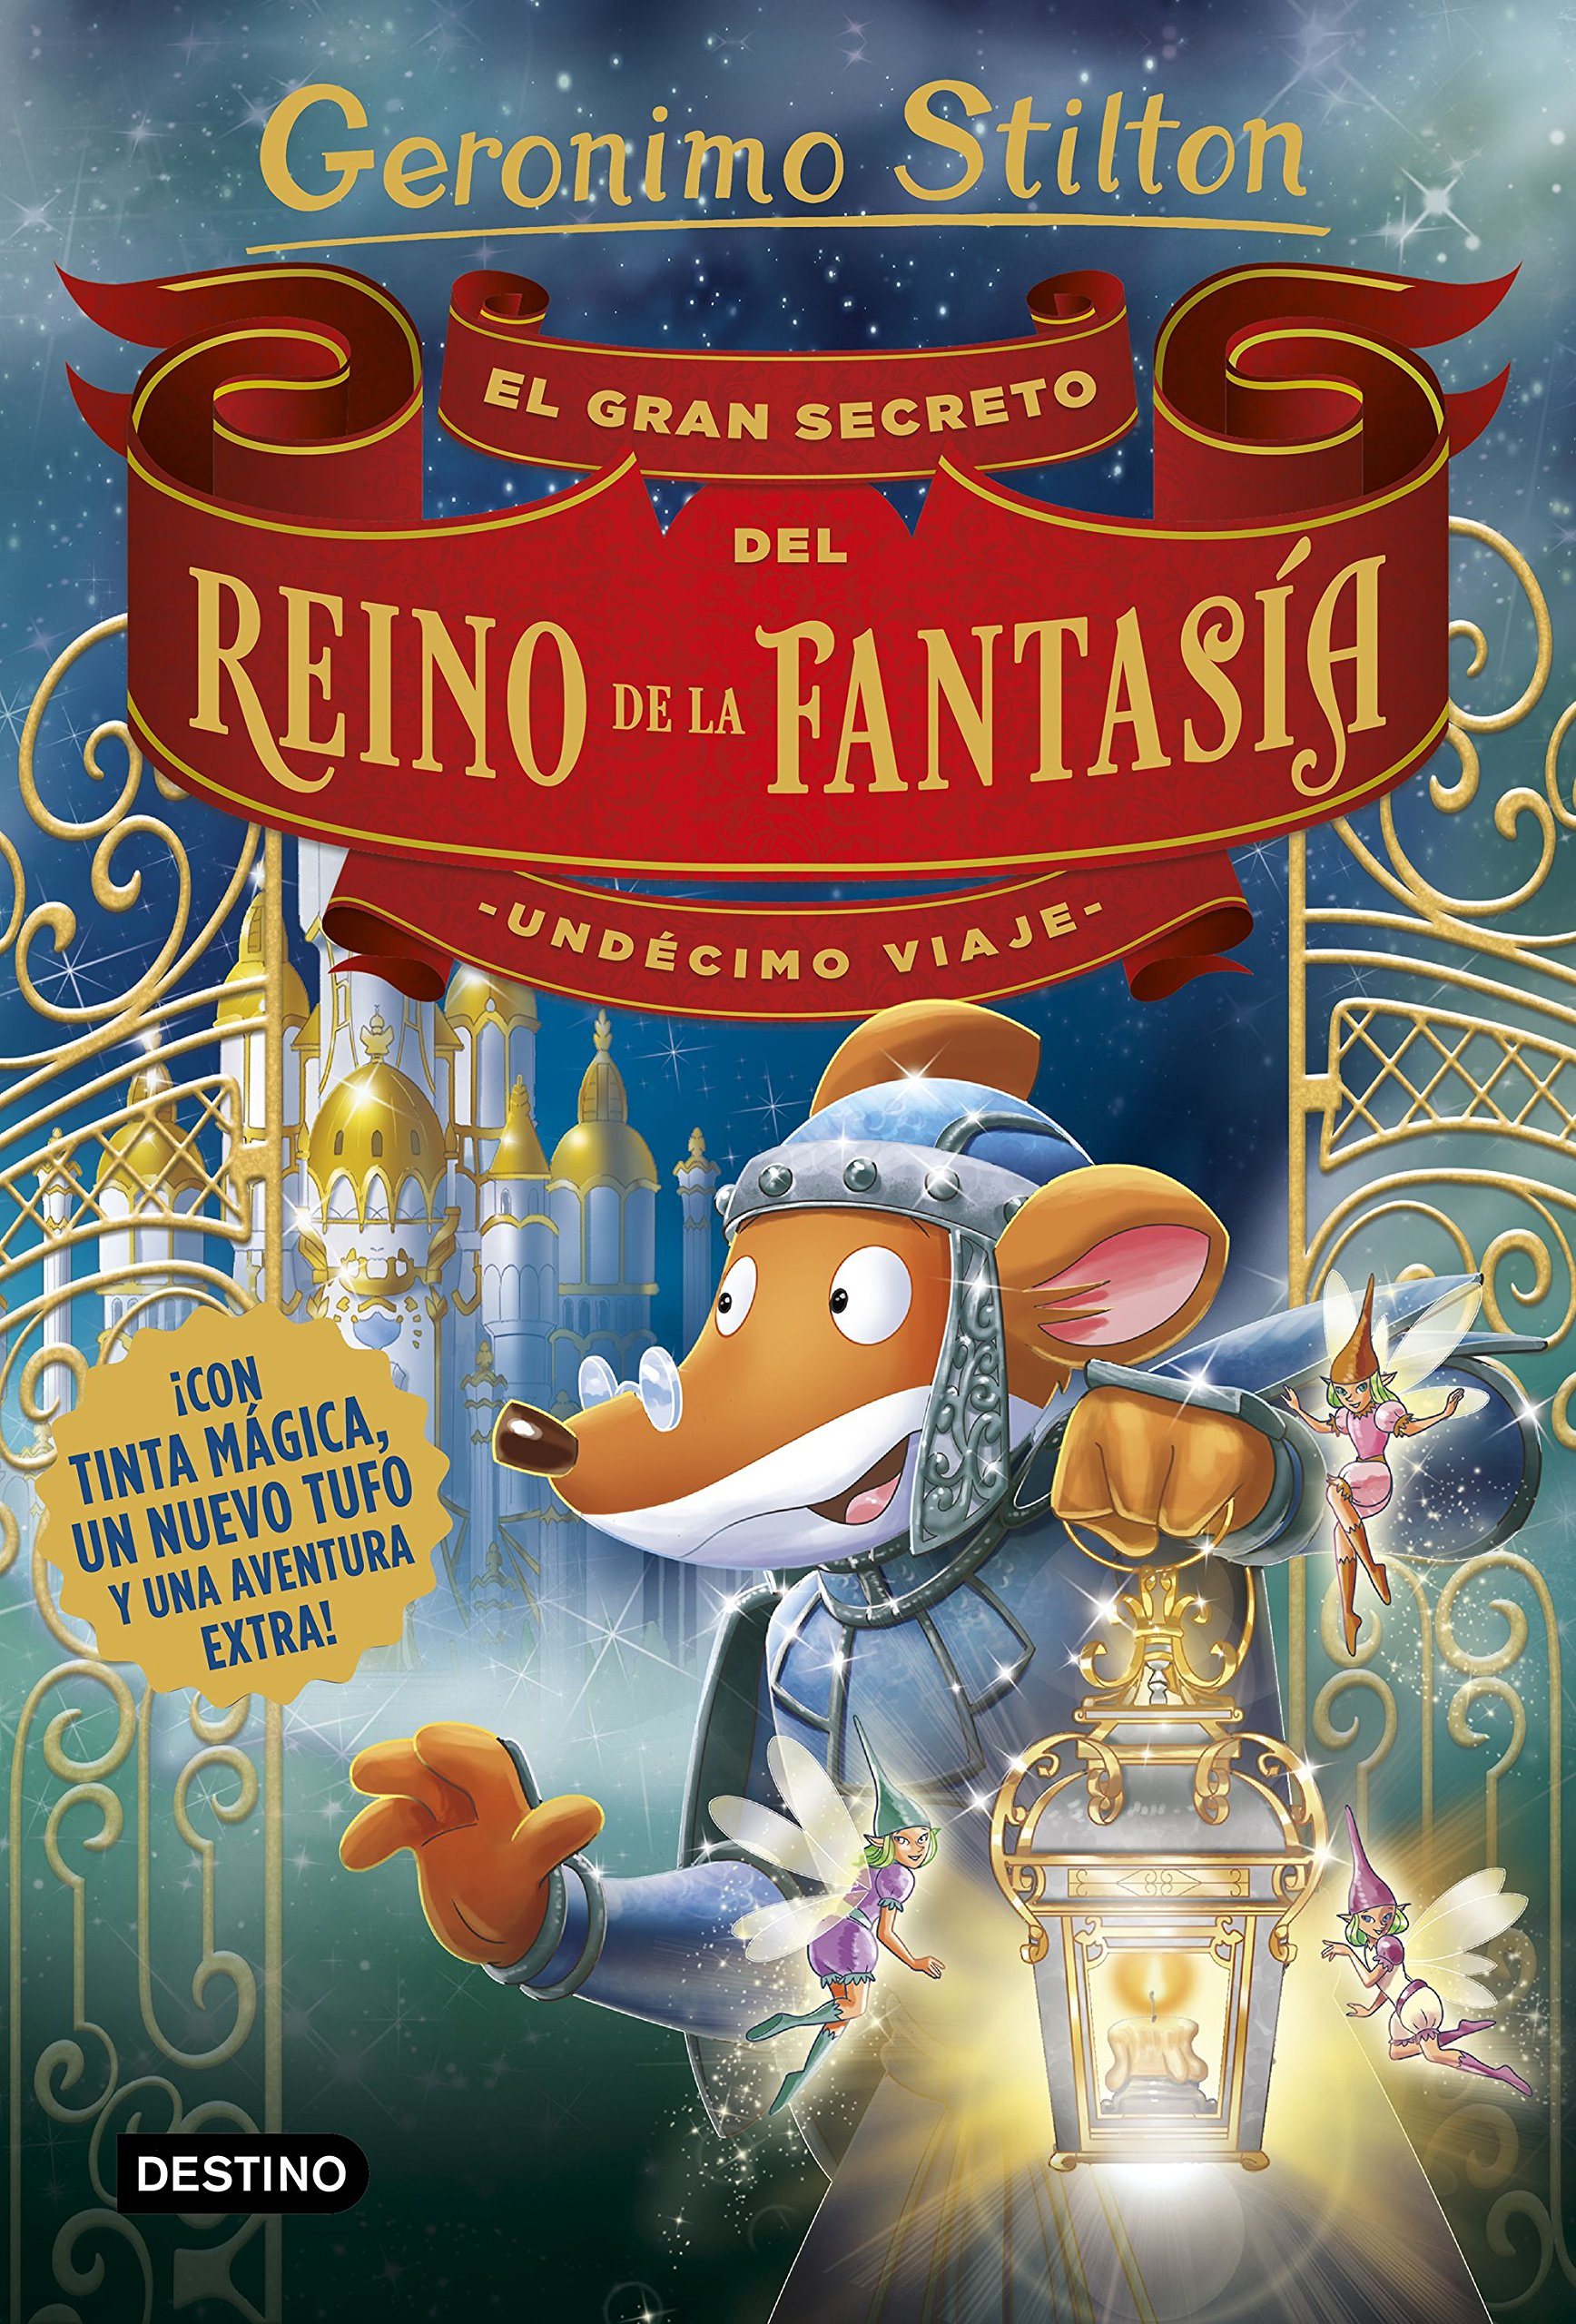 El gran secreto del Reino de la Fantasía. Undécimo viaje Geronimo Stilton:  Amazon.es: Geronimo Stilton, Miguel García: Libros